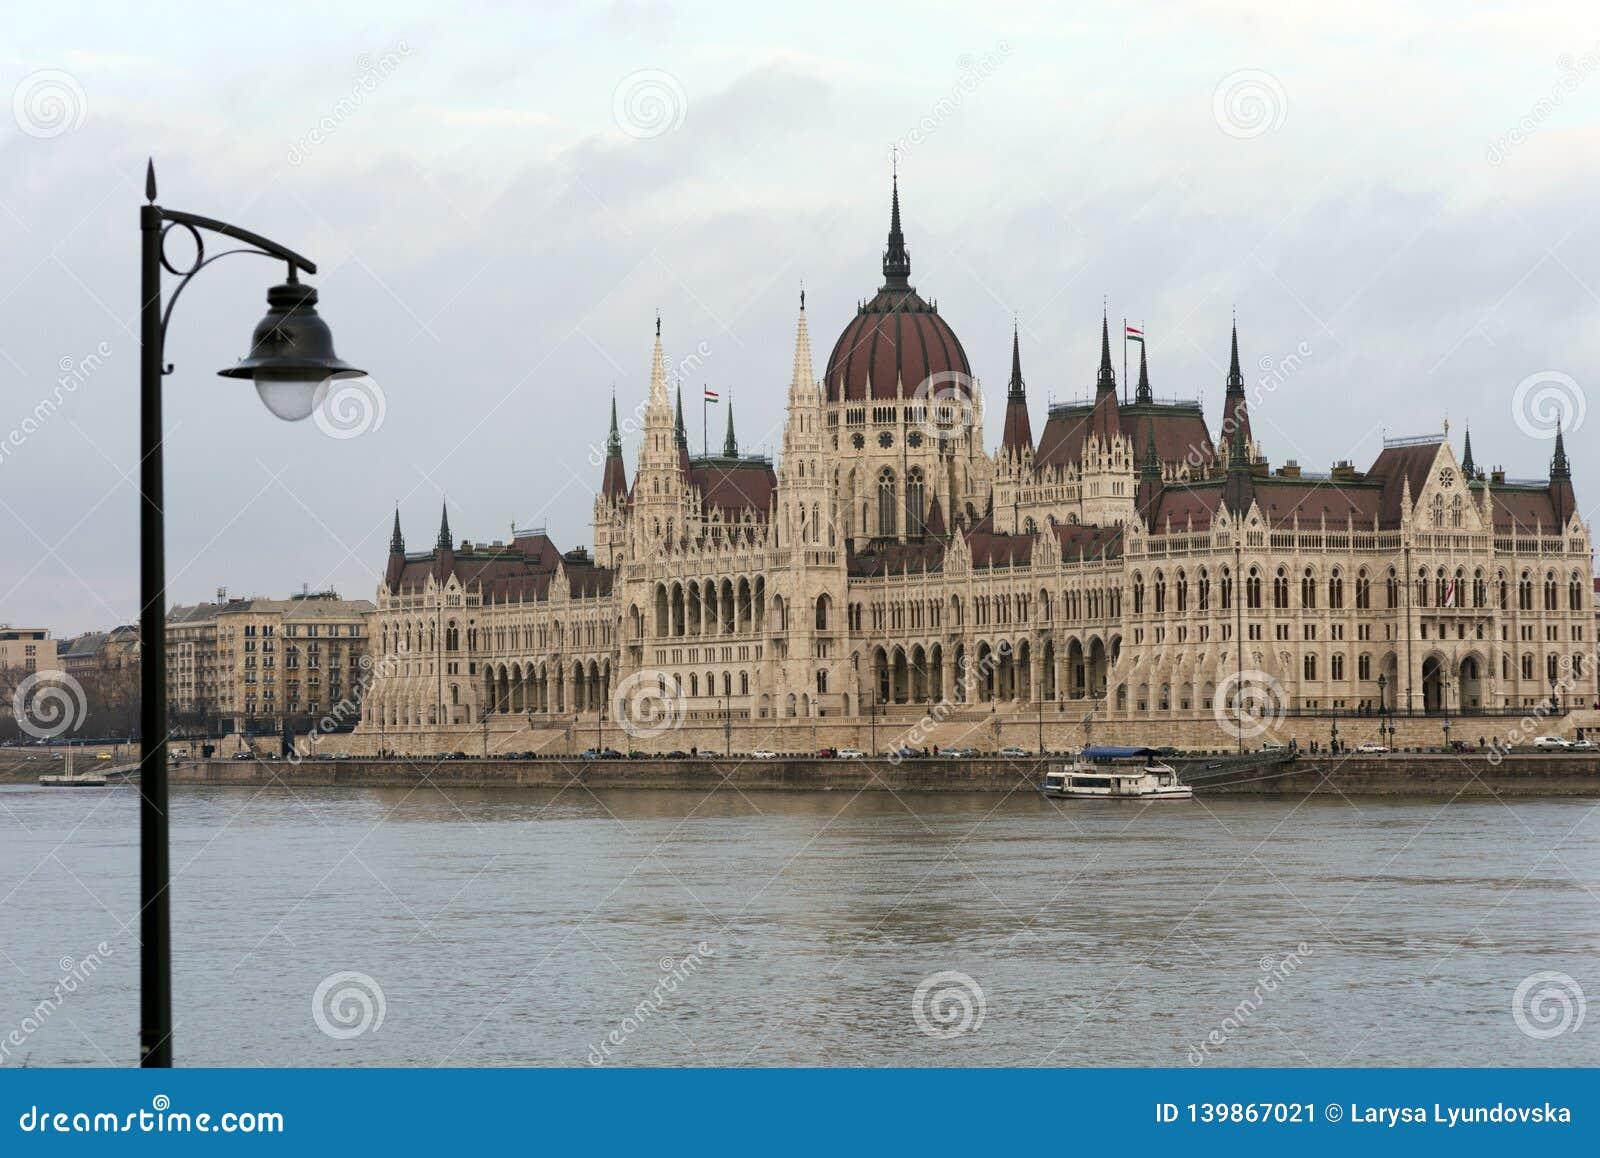 Здание венгерского парламента на банках Дунай в Будапеште главная достопримечательность венгерской столицы